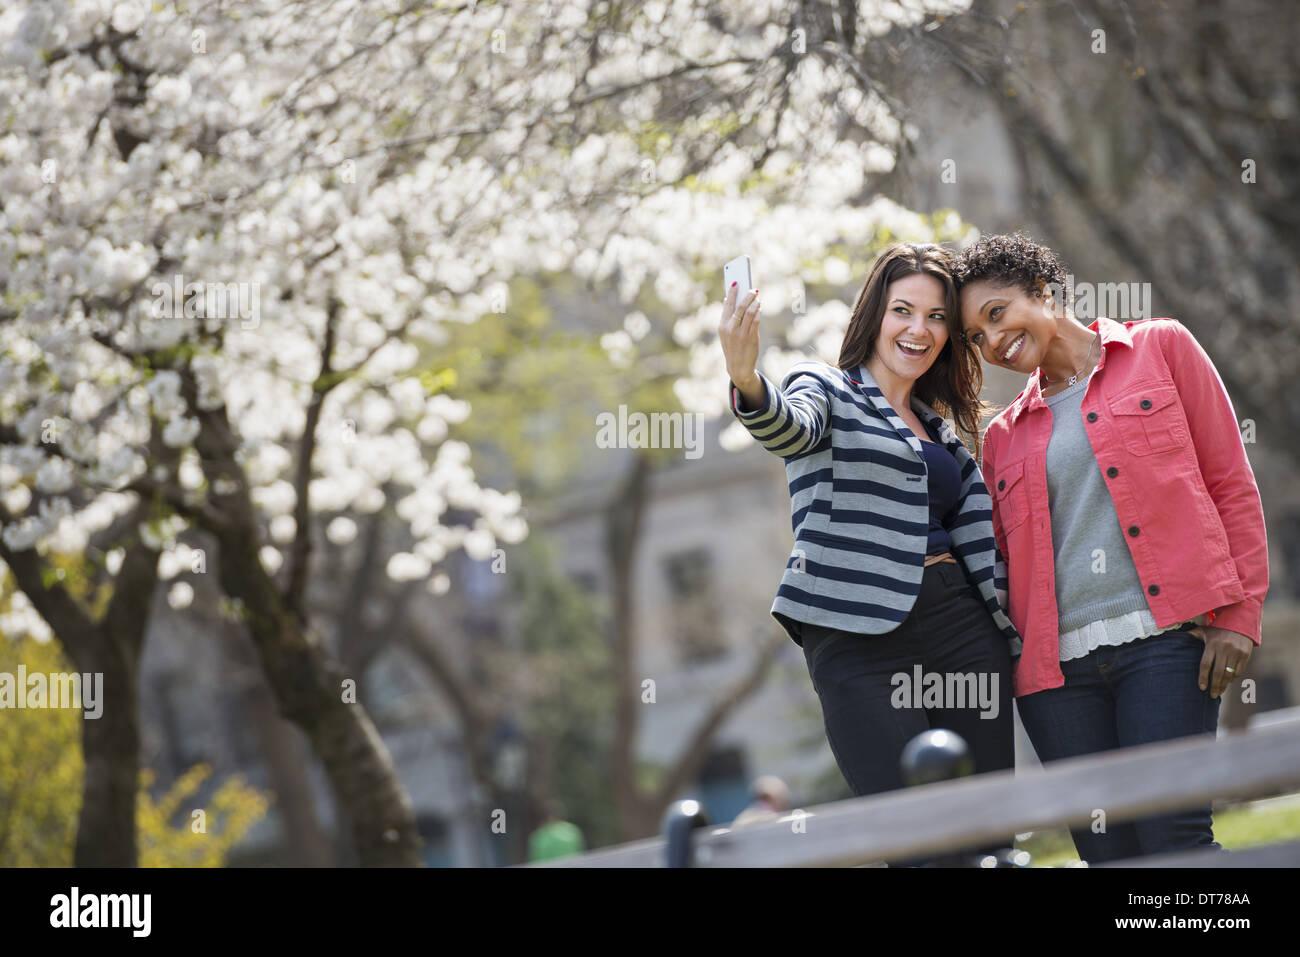 Il tempo primaverile. New York City Park. Una giovane donna tenendo fuori un telefono per scattare una fotografia Immagini Stock